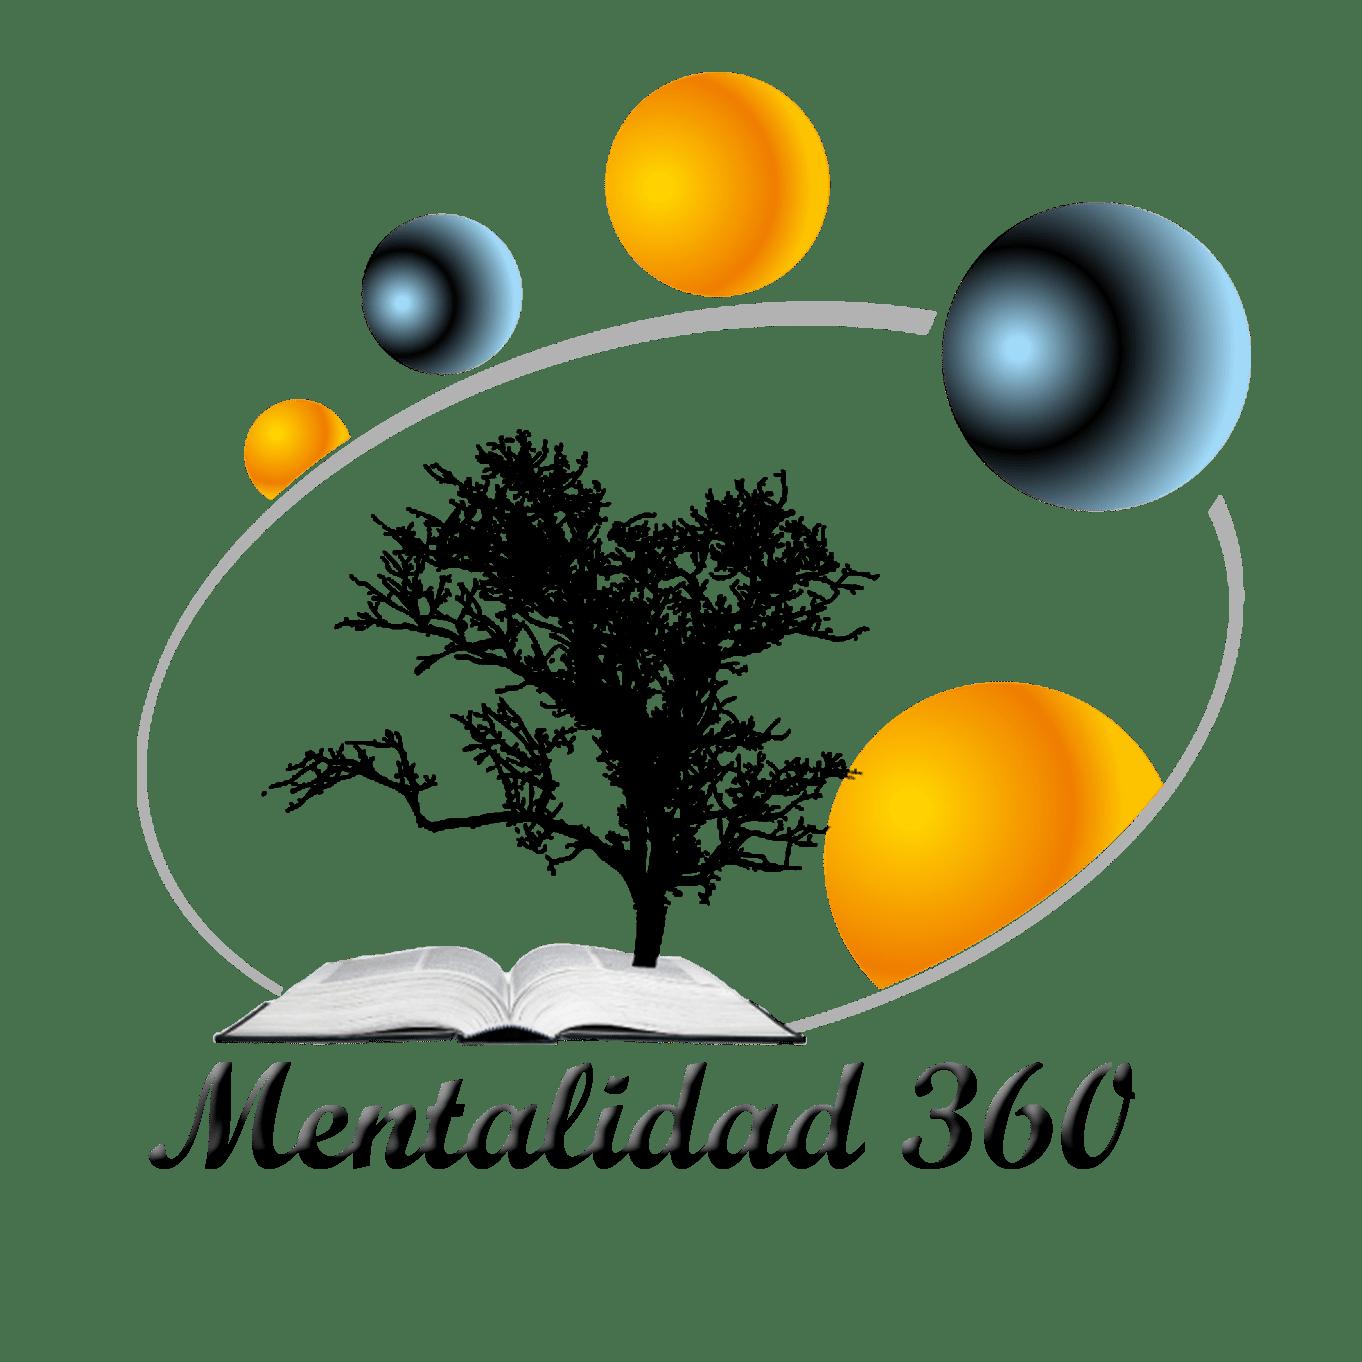 mendalidad 360 acompañamiento para emprendedores y startups